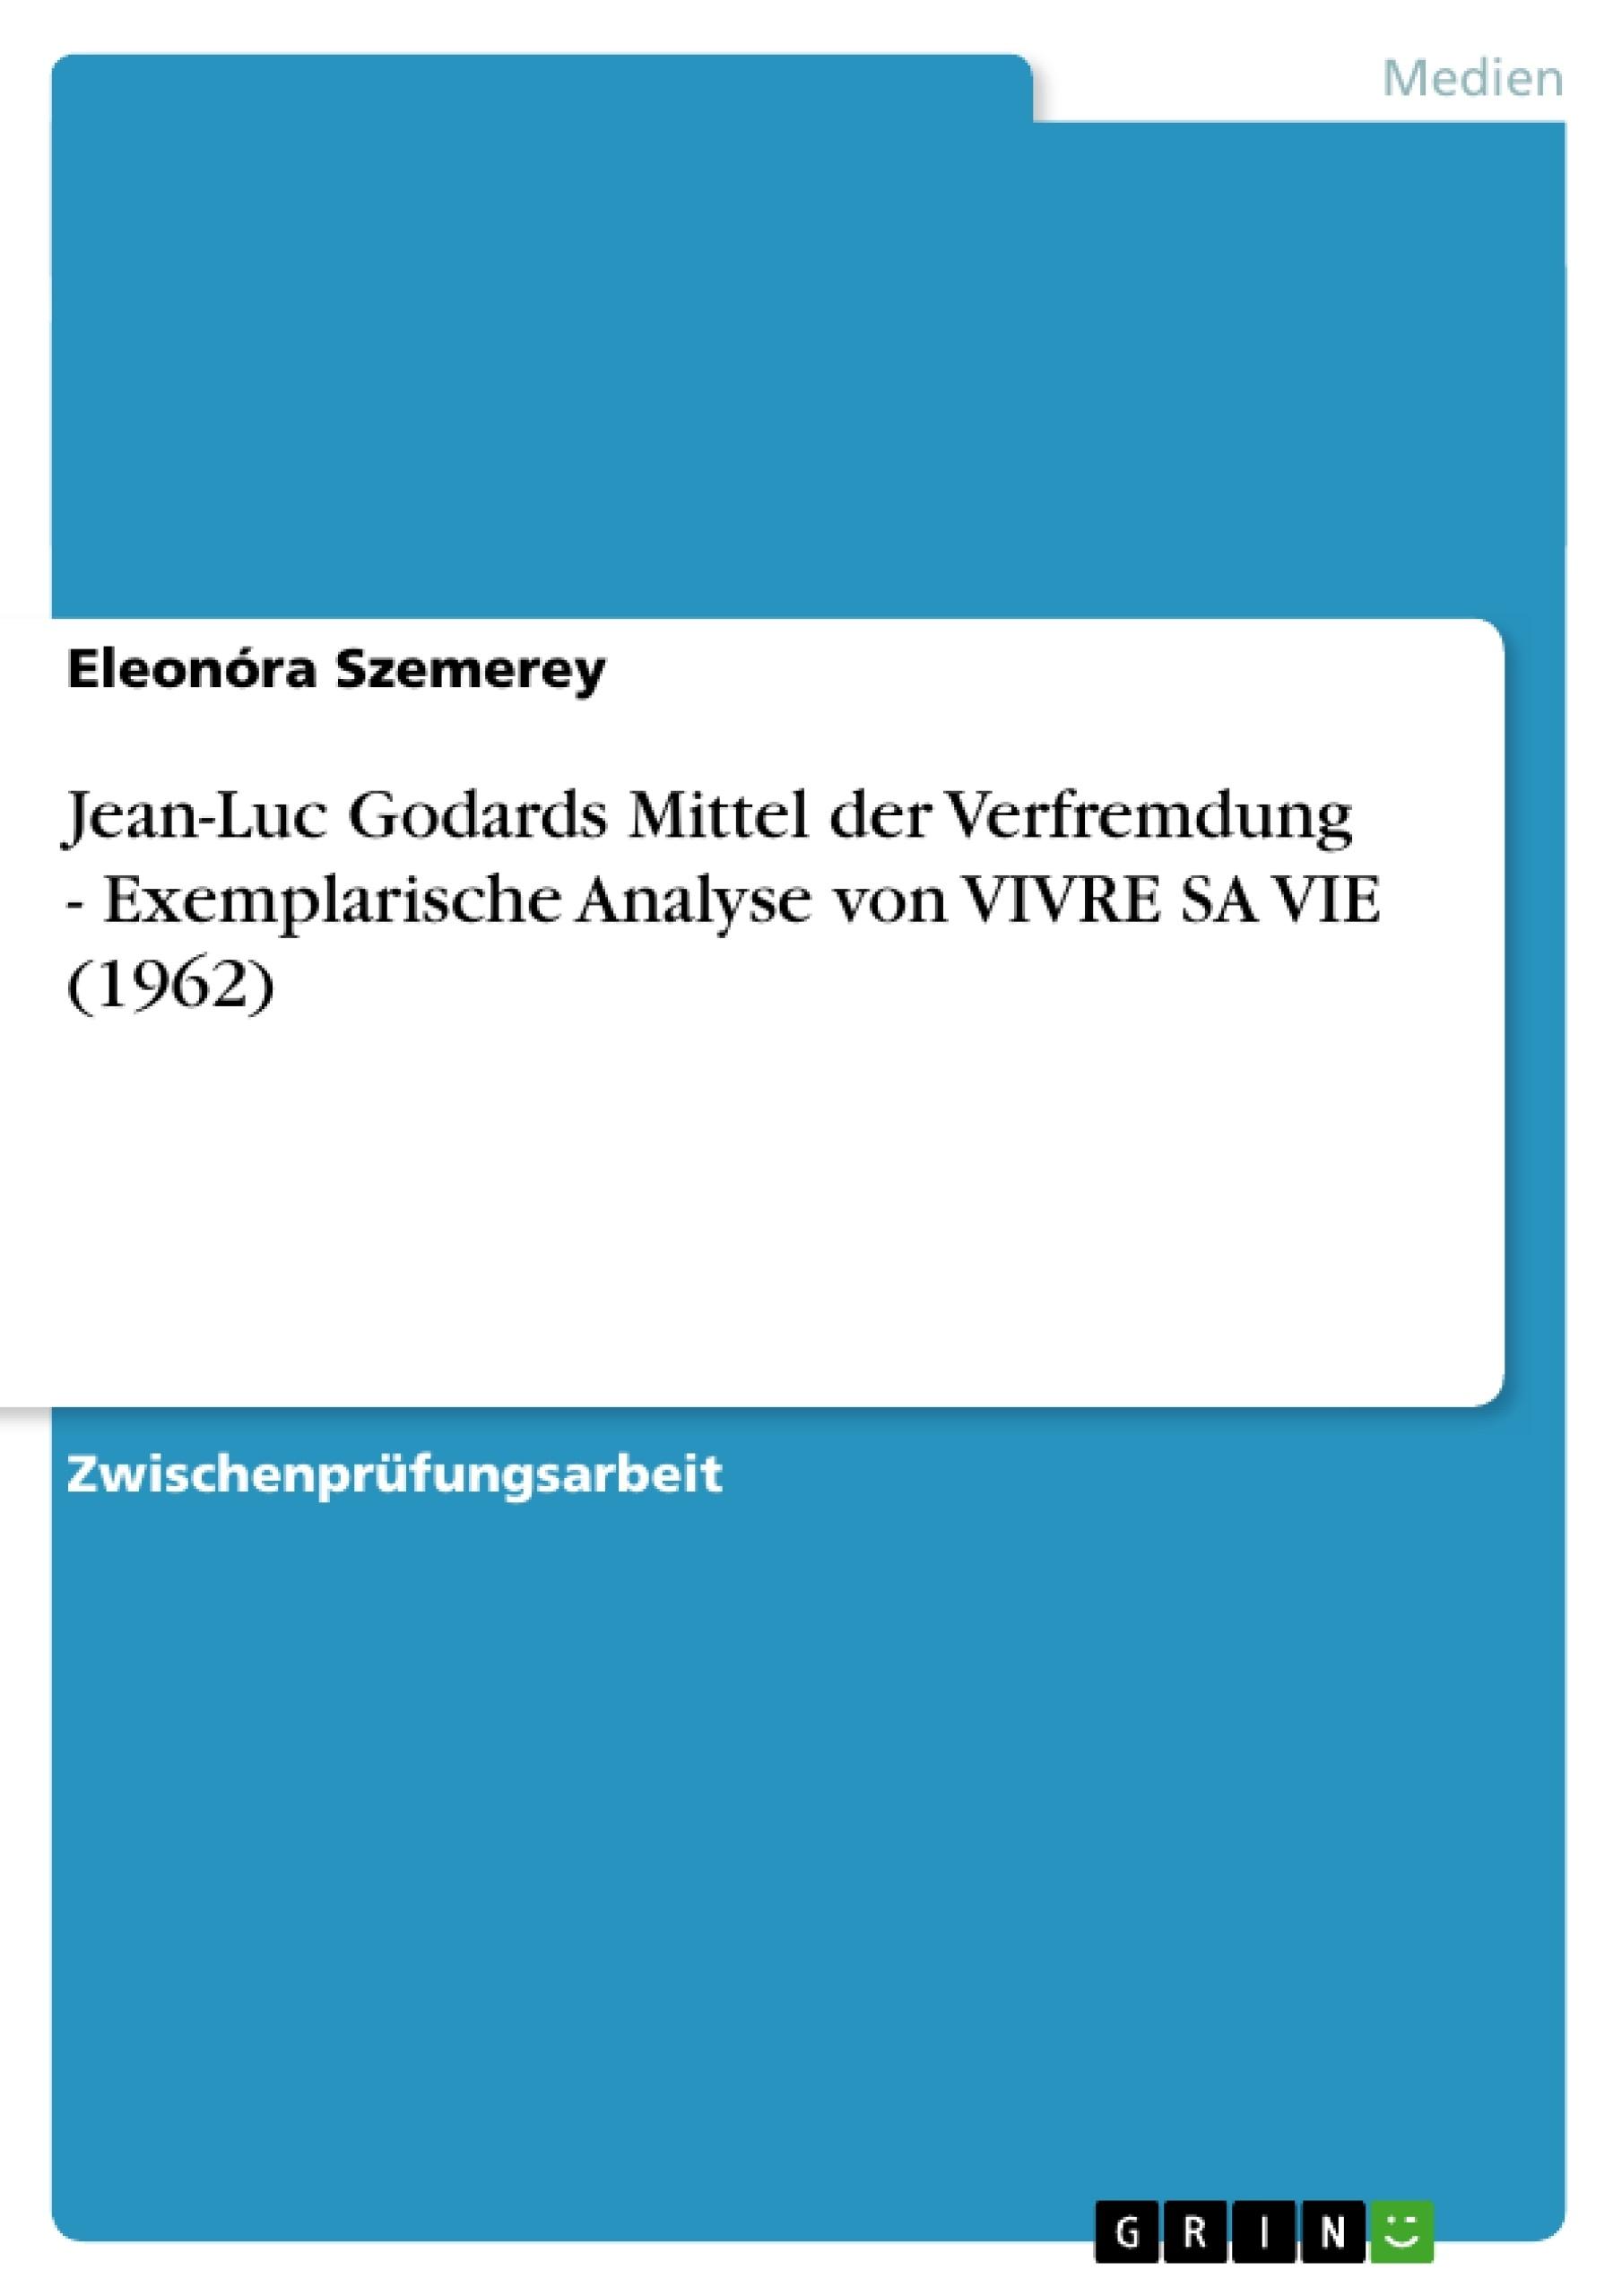 Titel: Jean-Luc Godards Mittel der Verfremdung - Exemplarische Analyse von VIVRE SA VIE (1962)